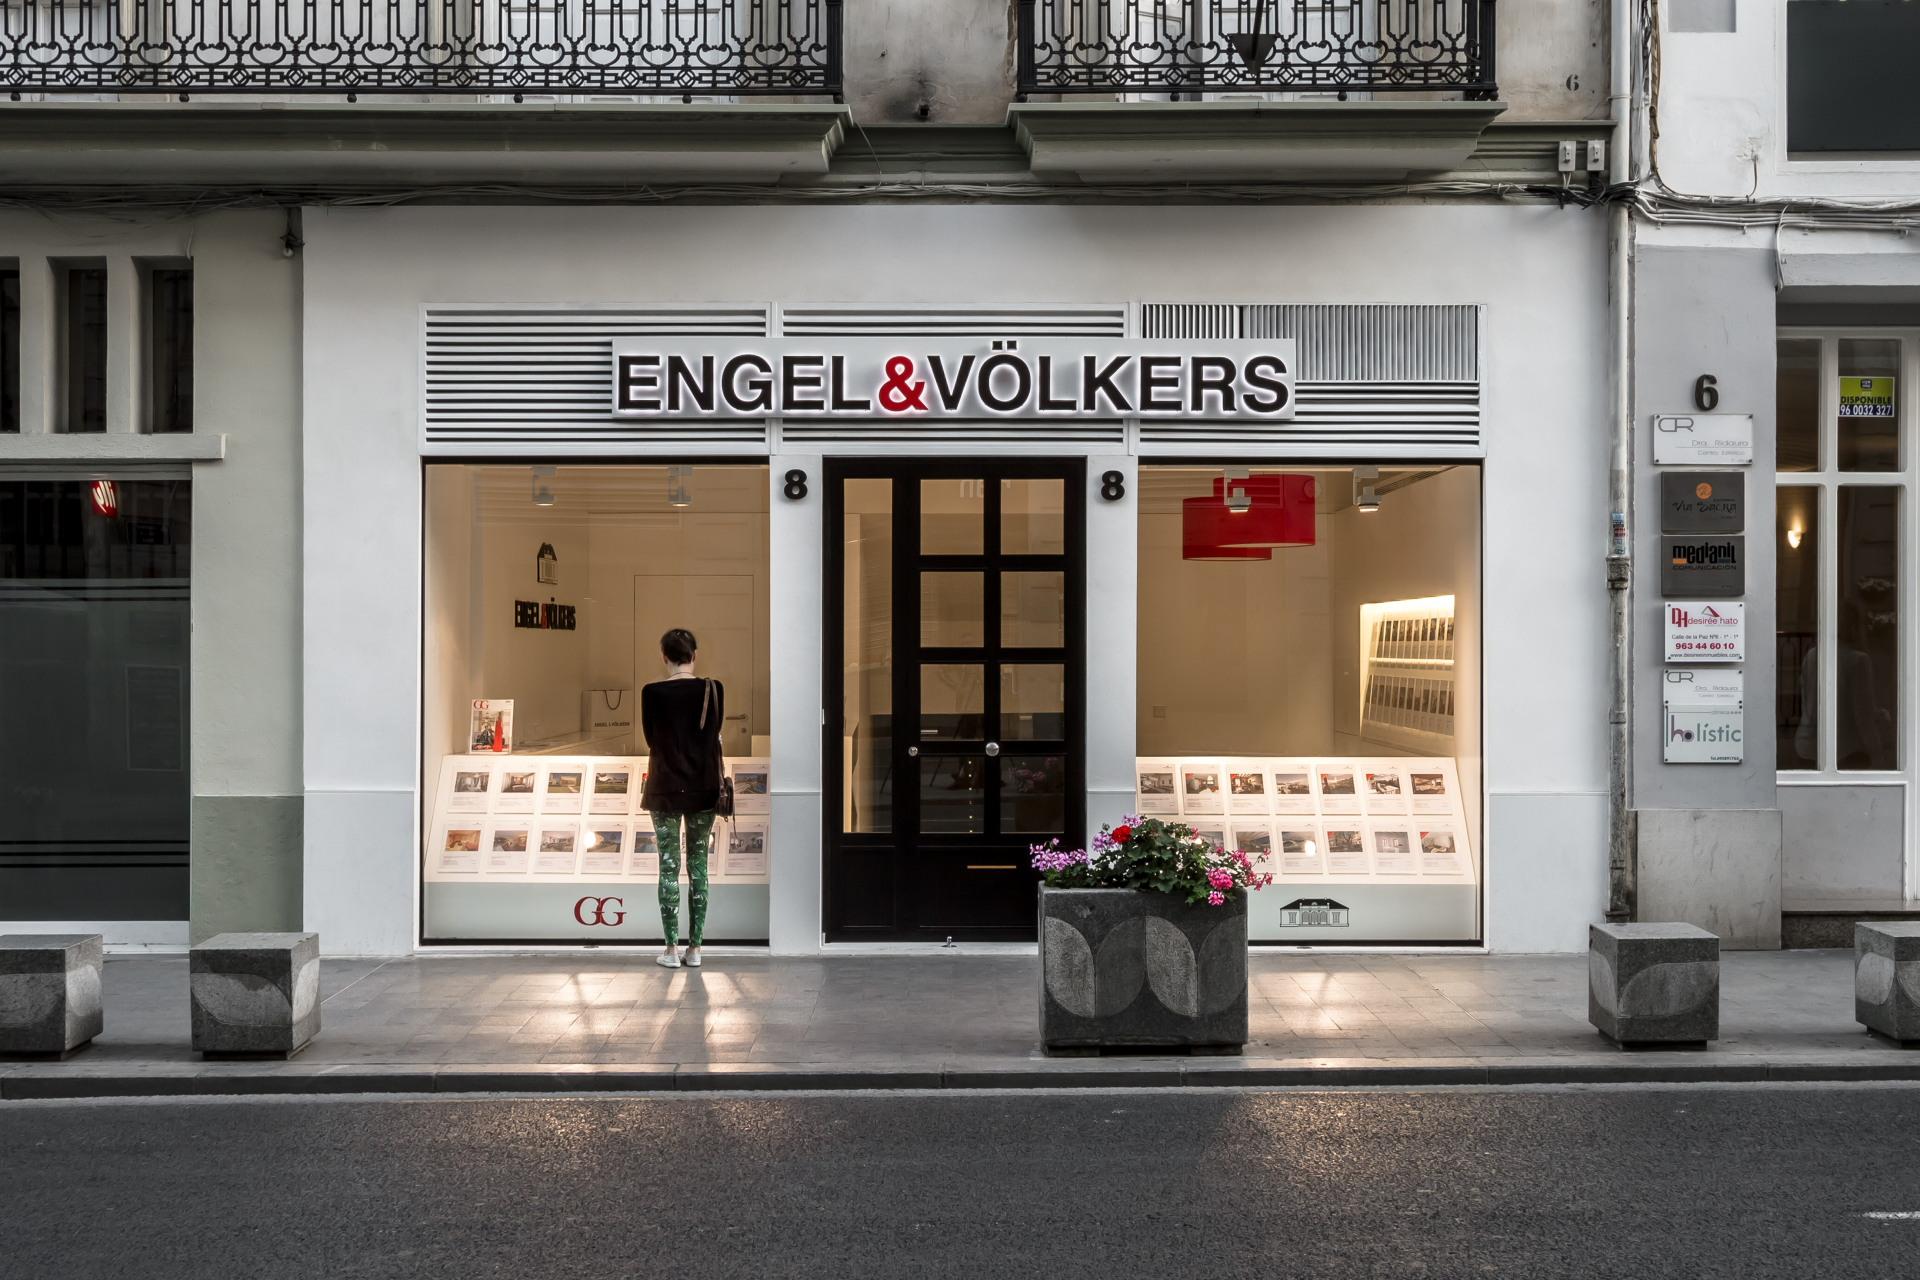 fotografia-arquitectura-valencia-german-cabo-bfm-engel-volkers (2)